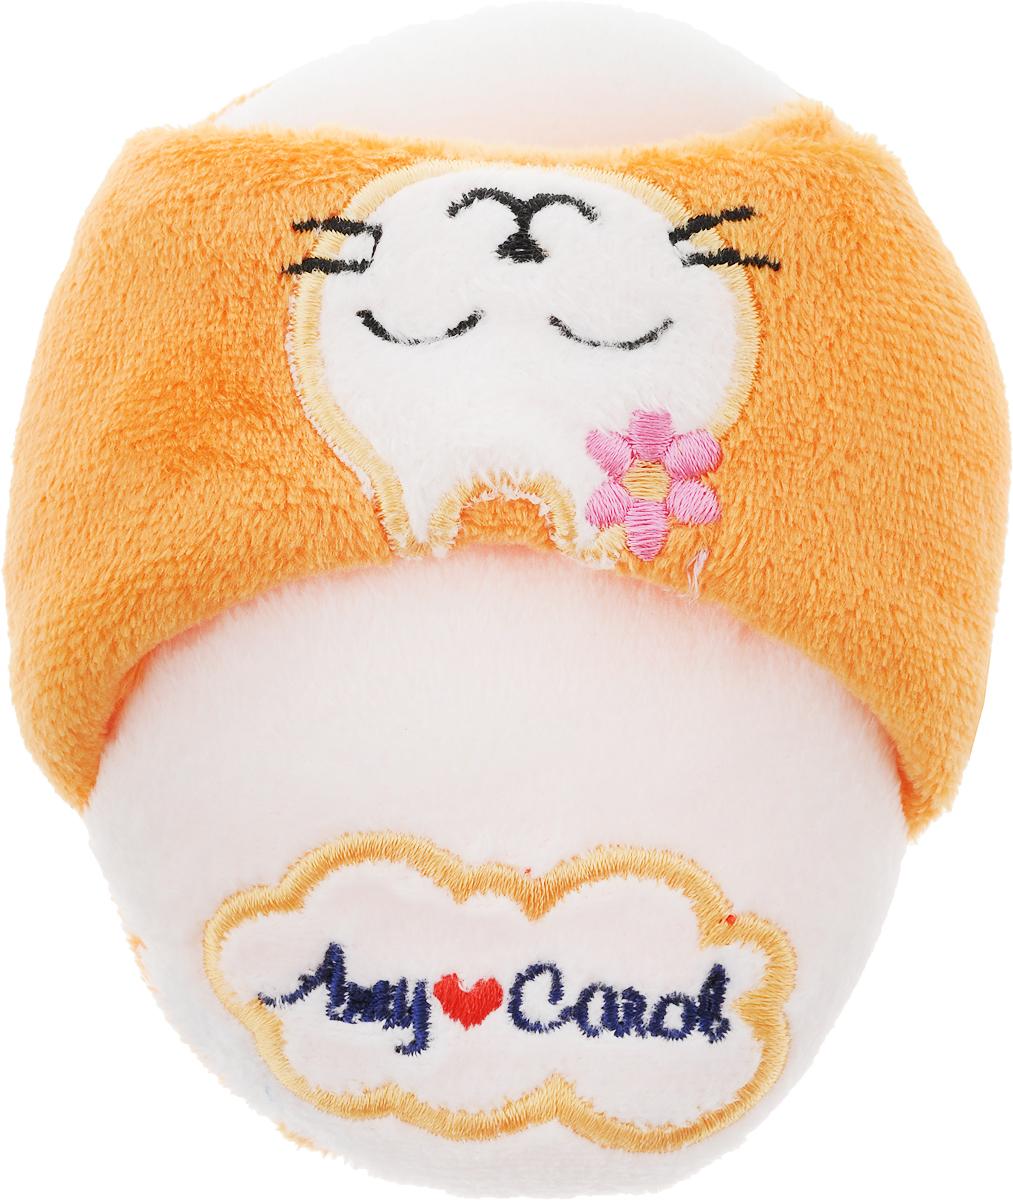 Игрушка для животных GLG Тапочки-лапочки, 12 х 10 х 3 см игрушка для животных каскад удочка с микки маусом 47 см